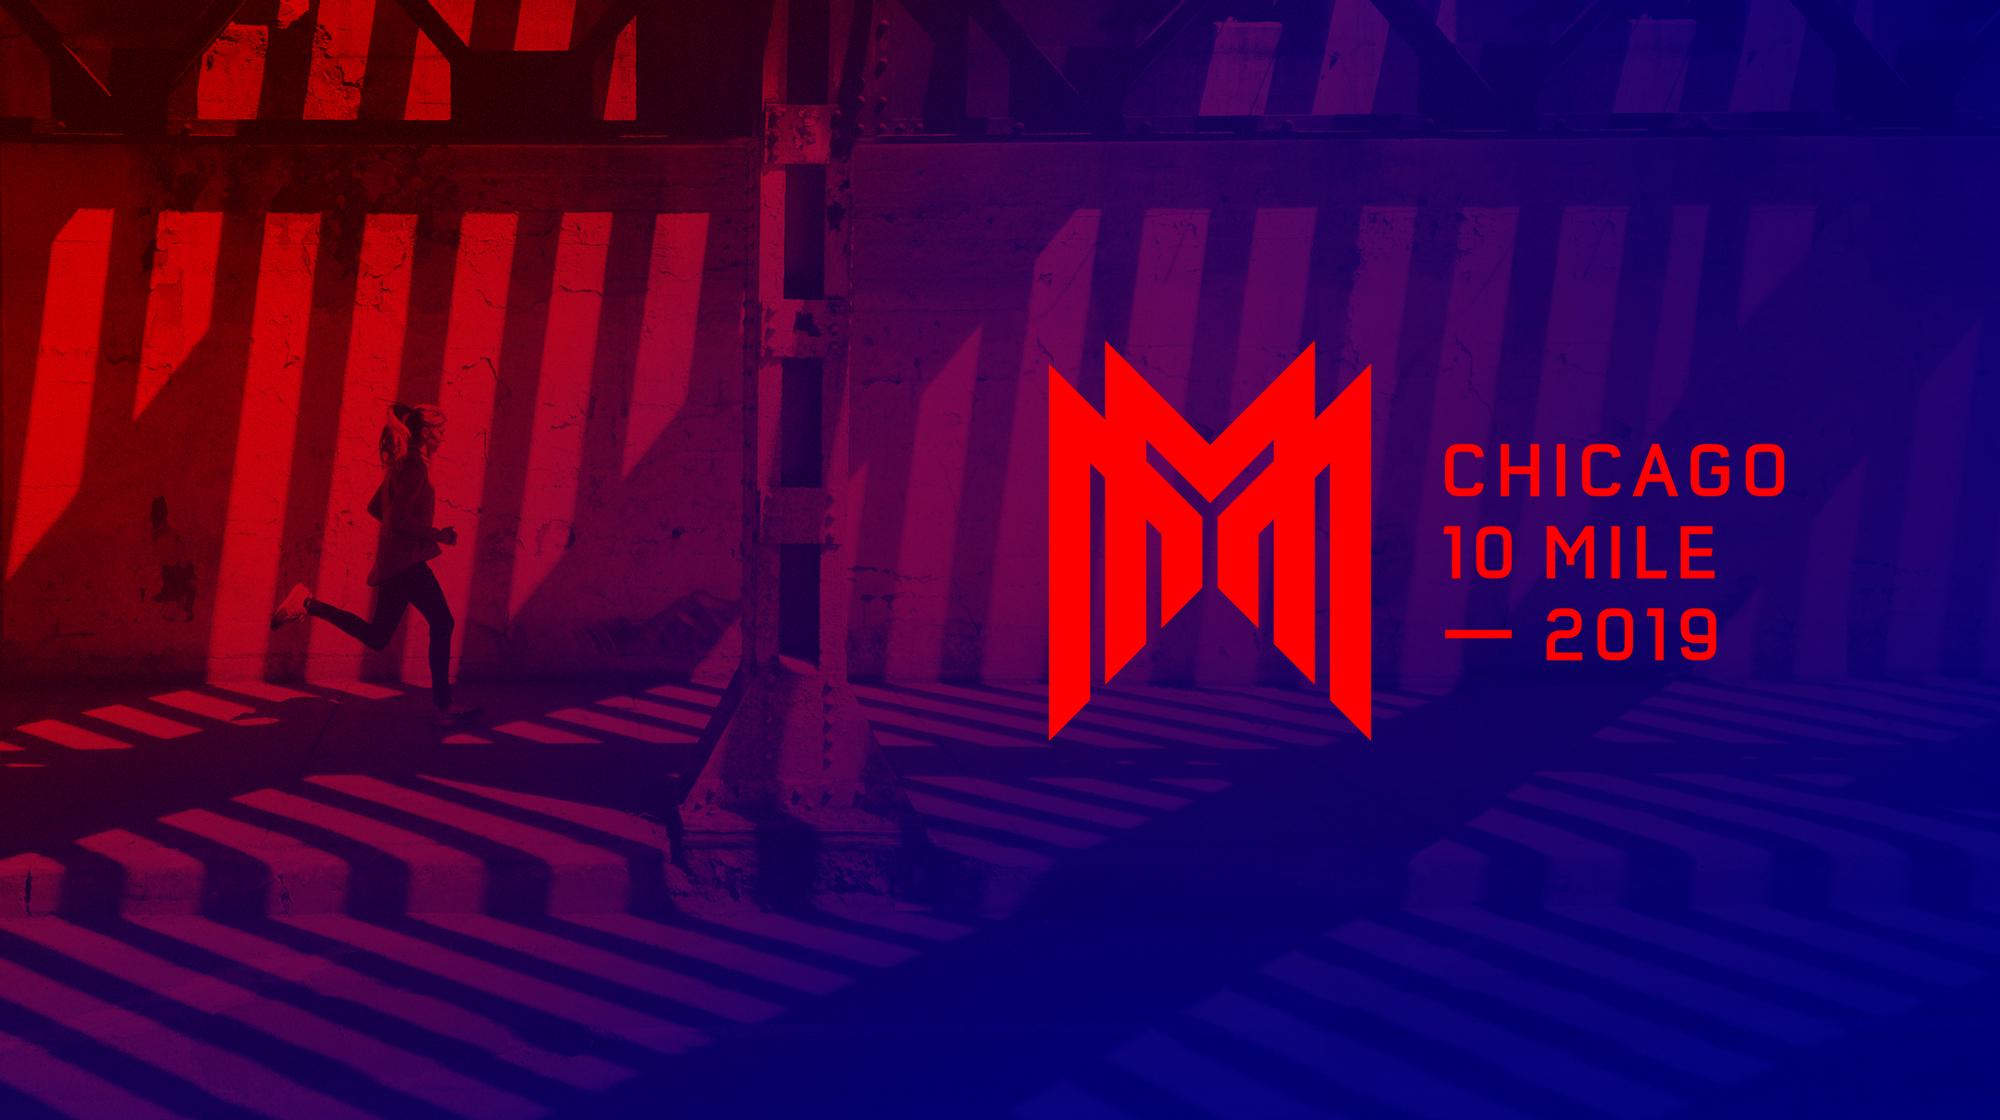 Chi10 Mi Hero1 2019